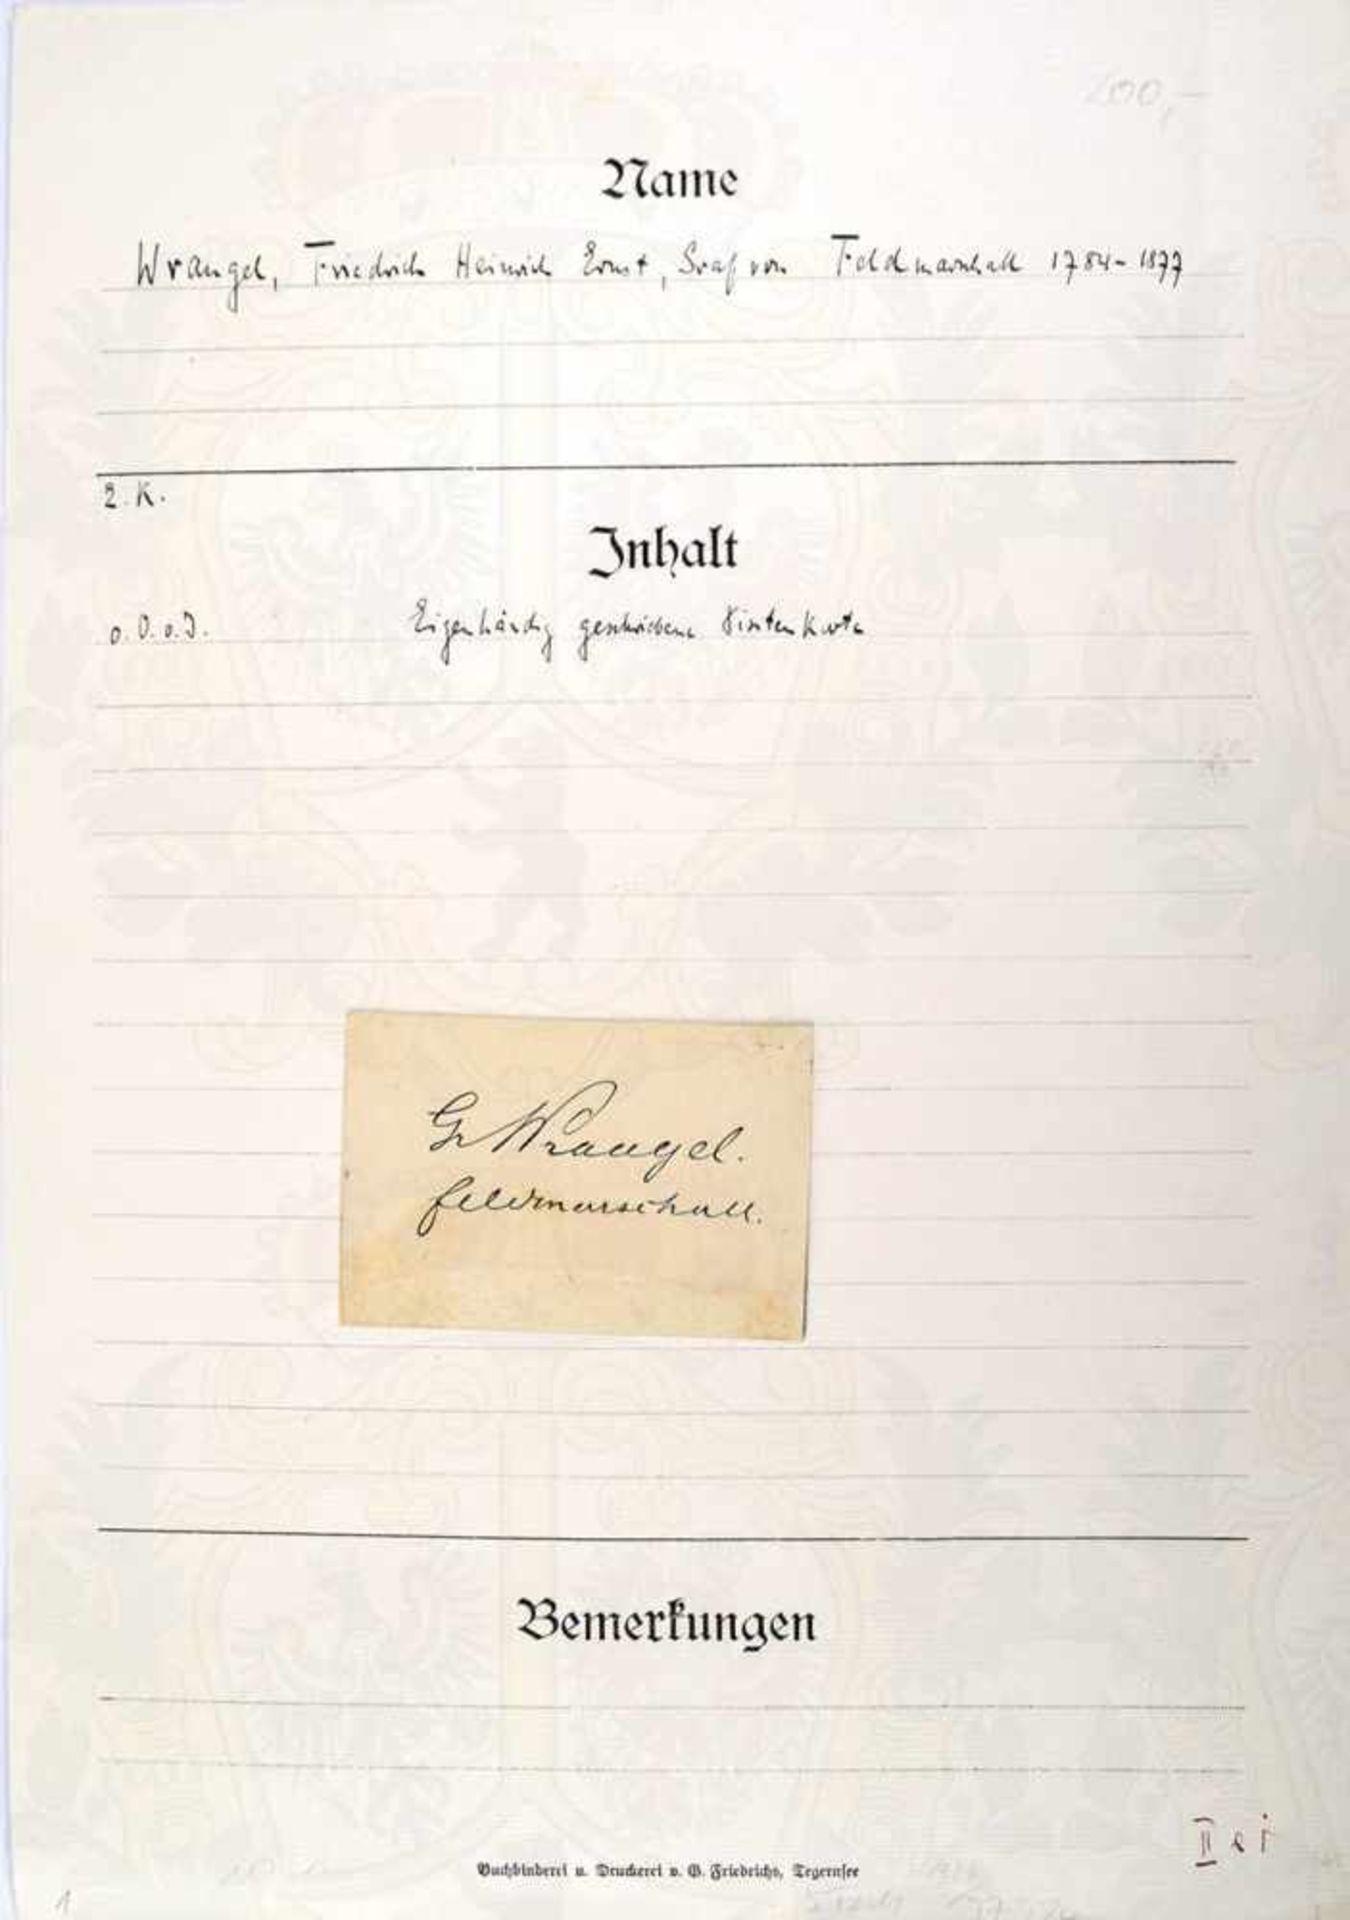 WRANGEL, GRAF FRIEDRICH VON, (1784-1877), Preußischer Generalfeldmarschall, eigenhändige